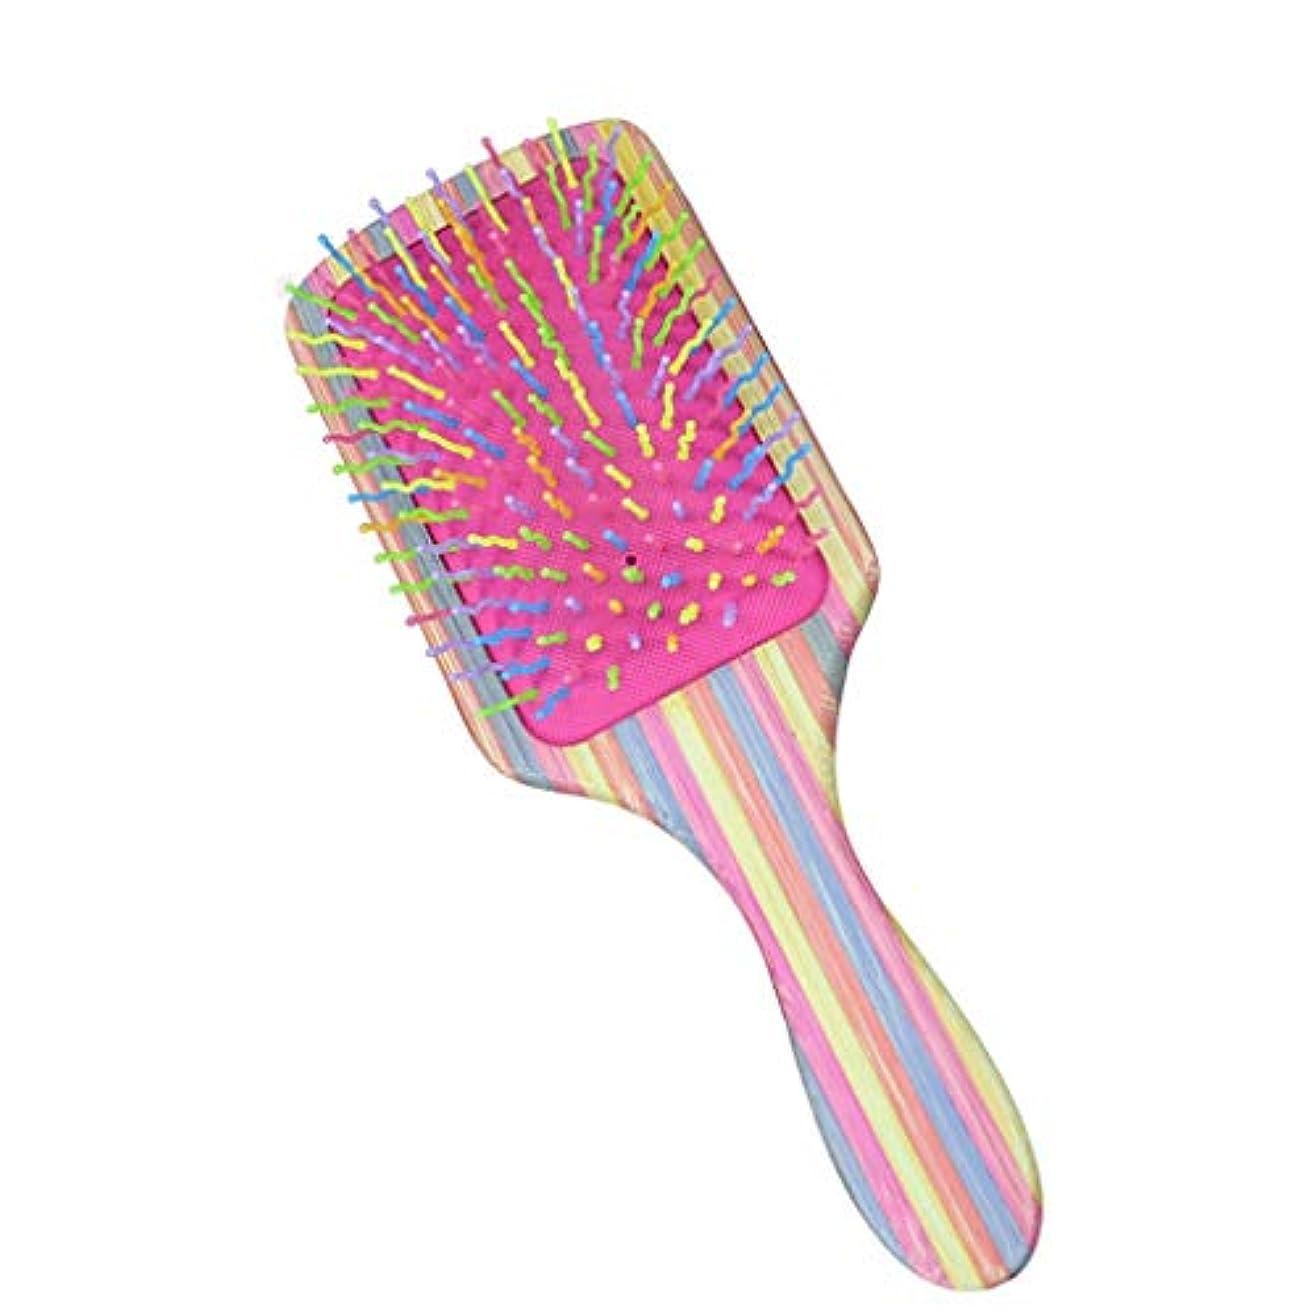 おとなしい無視する終了しましたくし児童エアバッグエアクッションコームマッサージヘッドメリディアンコームヘアコームヘアコームくしホームビッグくし (Color : Pink)